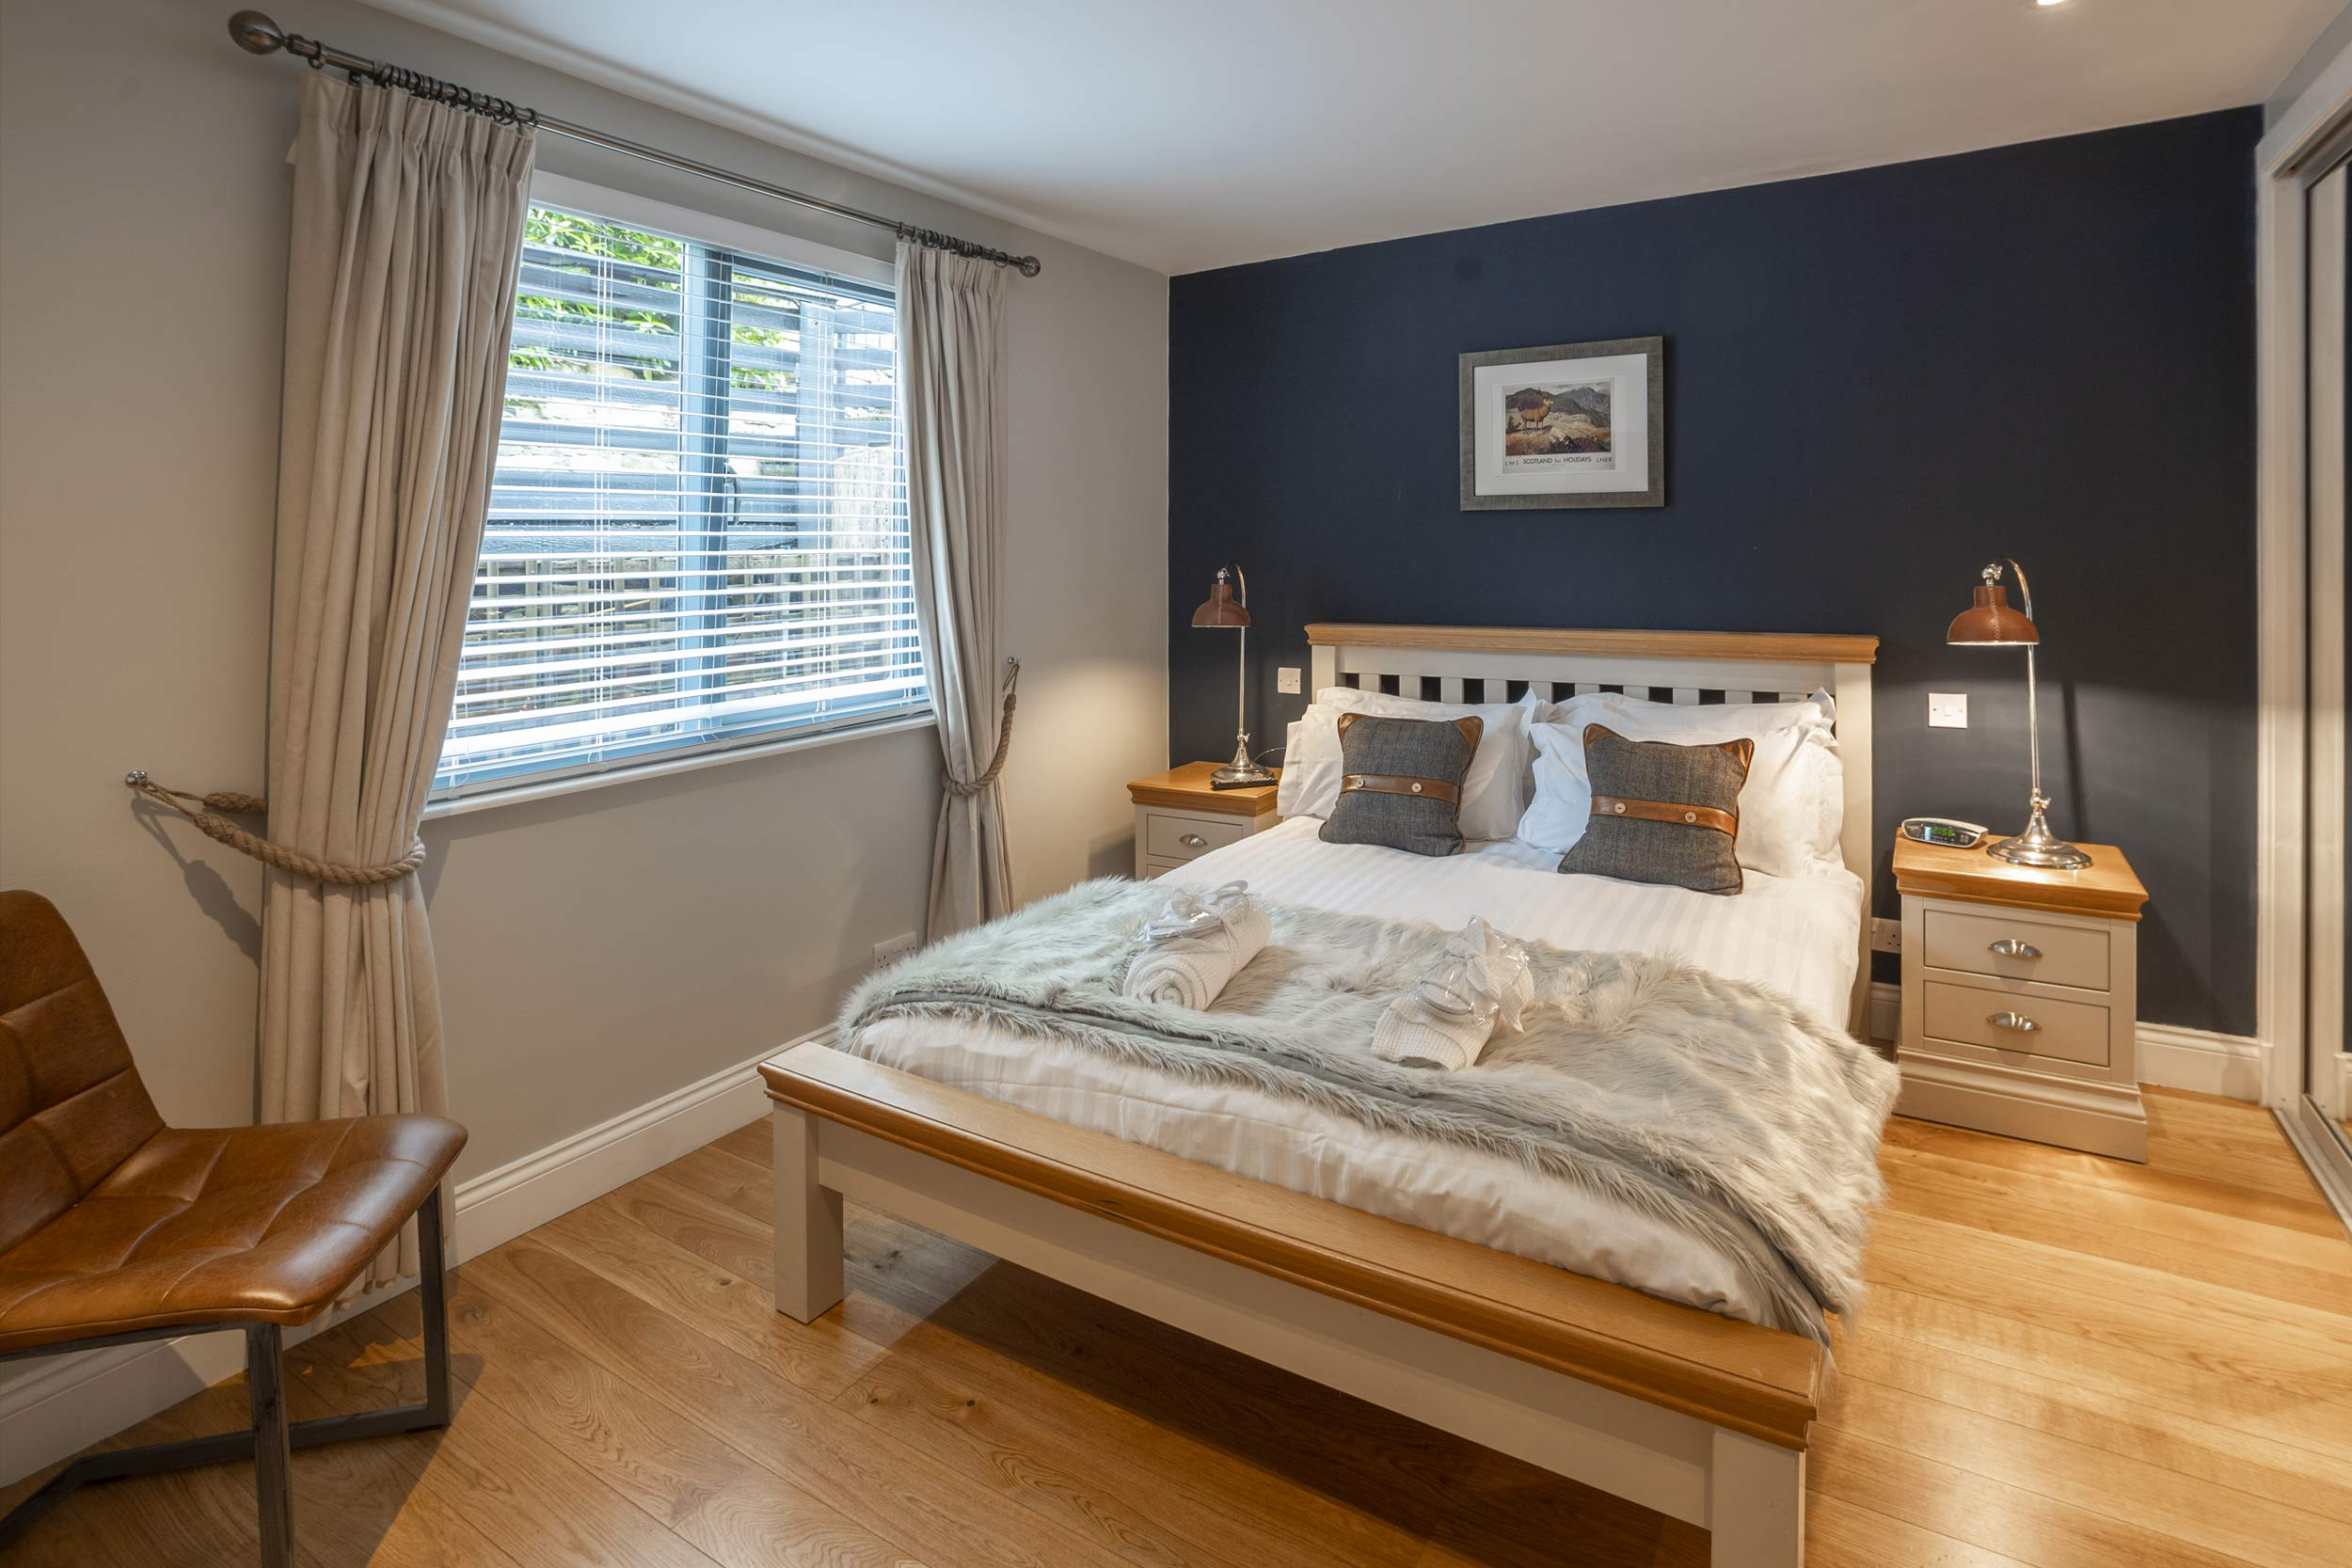 Double Room Taymouth Marina